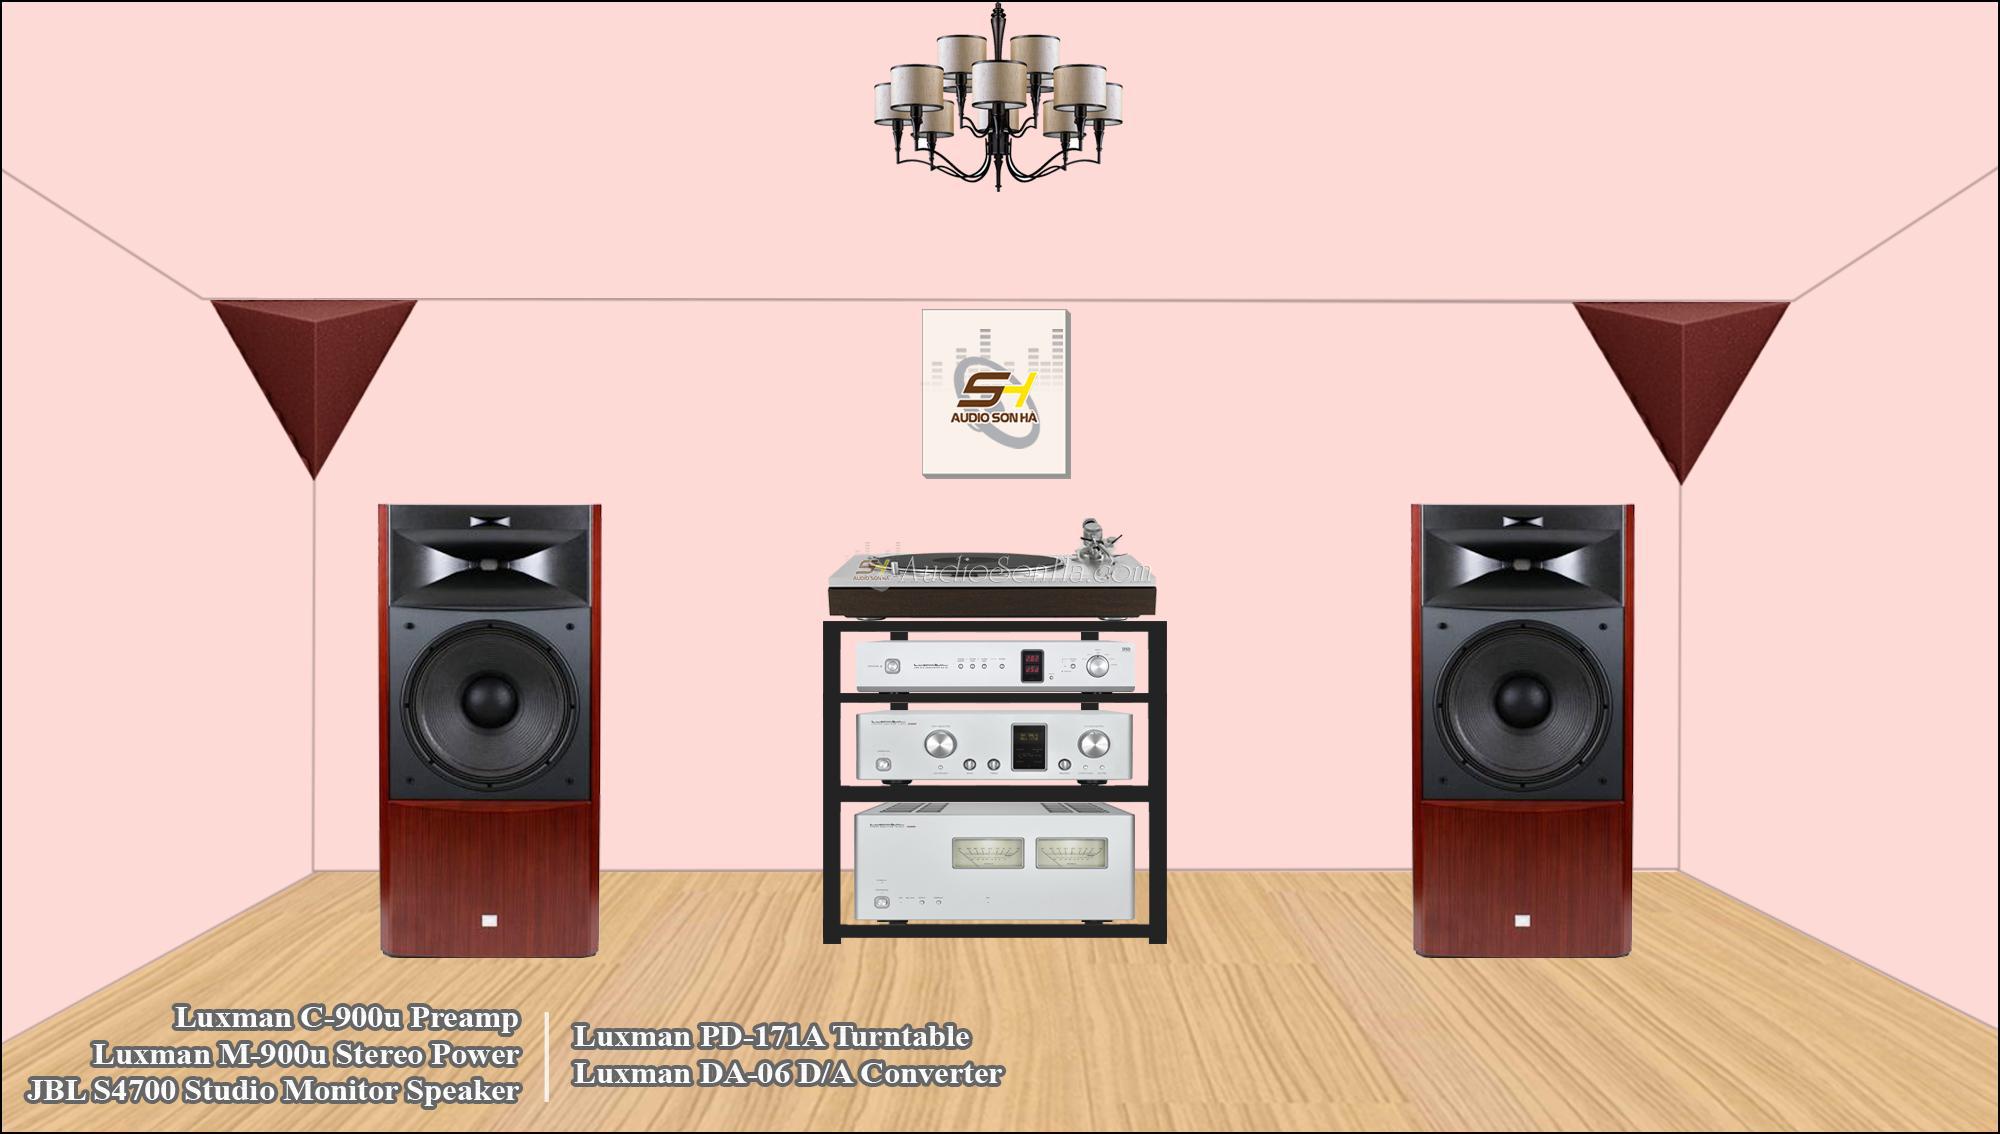 Luxman 900 Series & JBL S4700